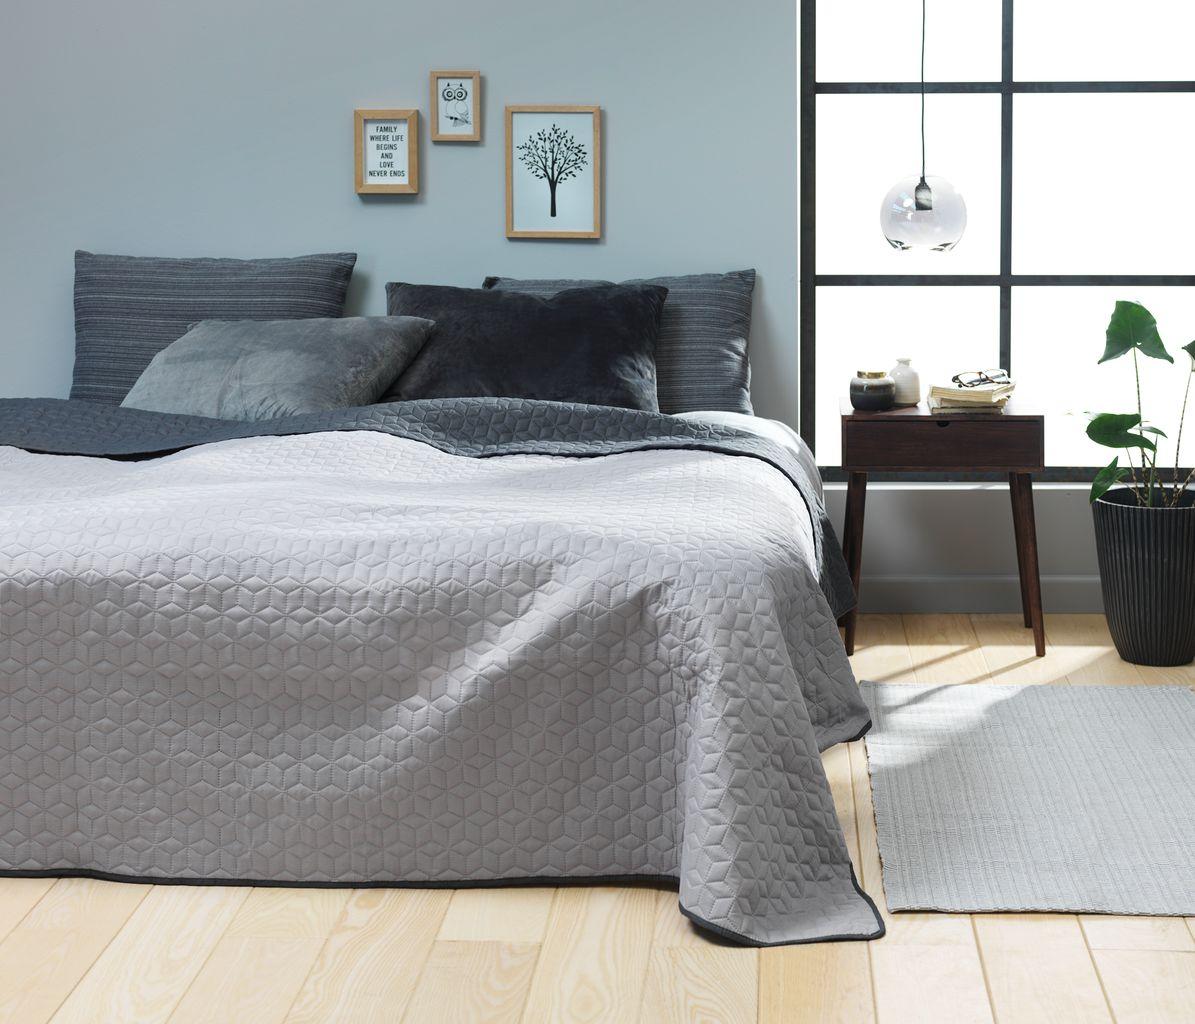 sengetæppe jysk Sengetæppe ROSENTRE 220x240 grå/mørkegrå | JYSK sengetæppe jysk